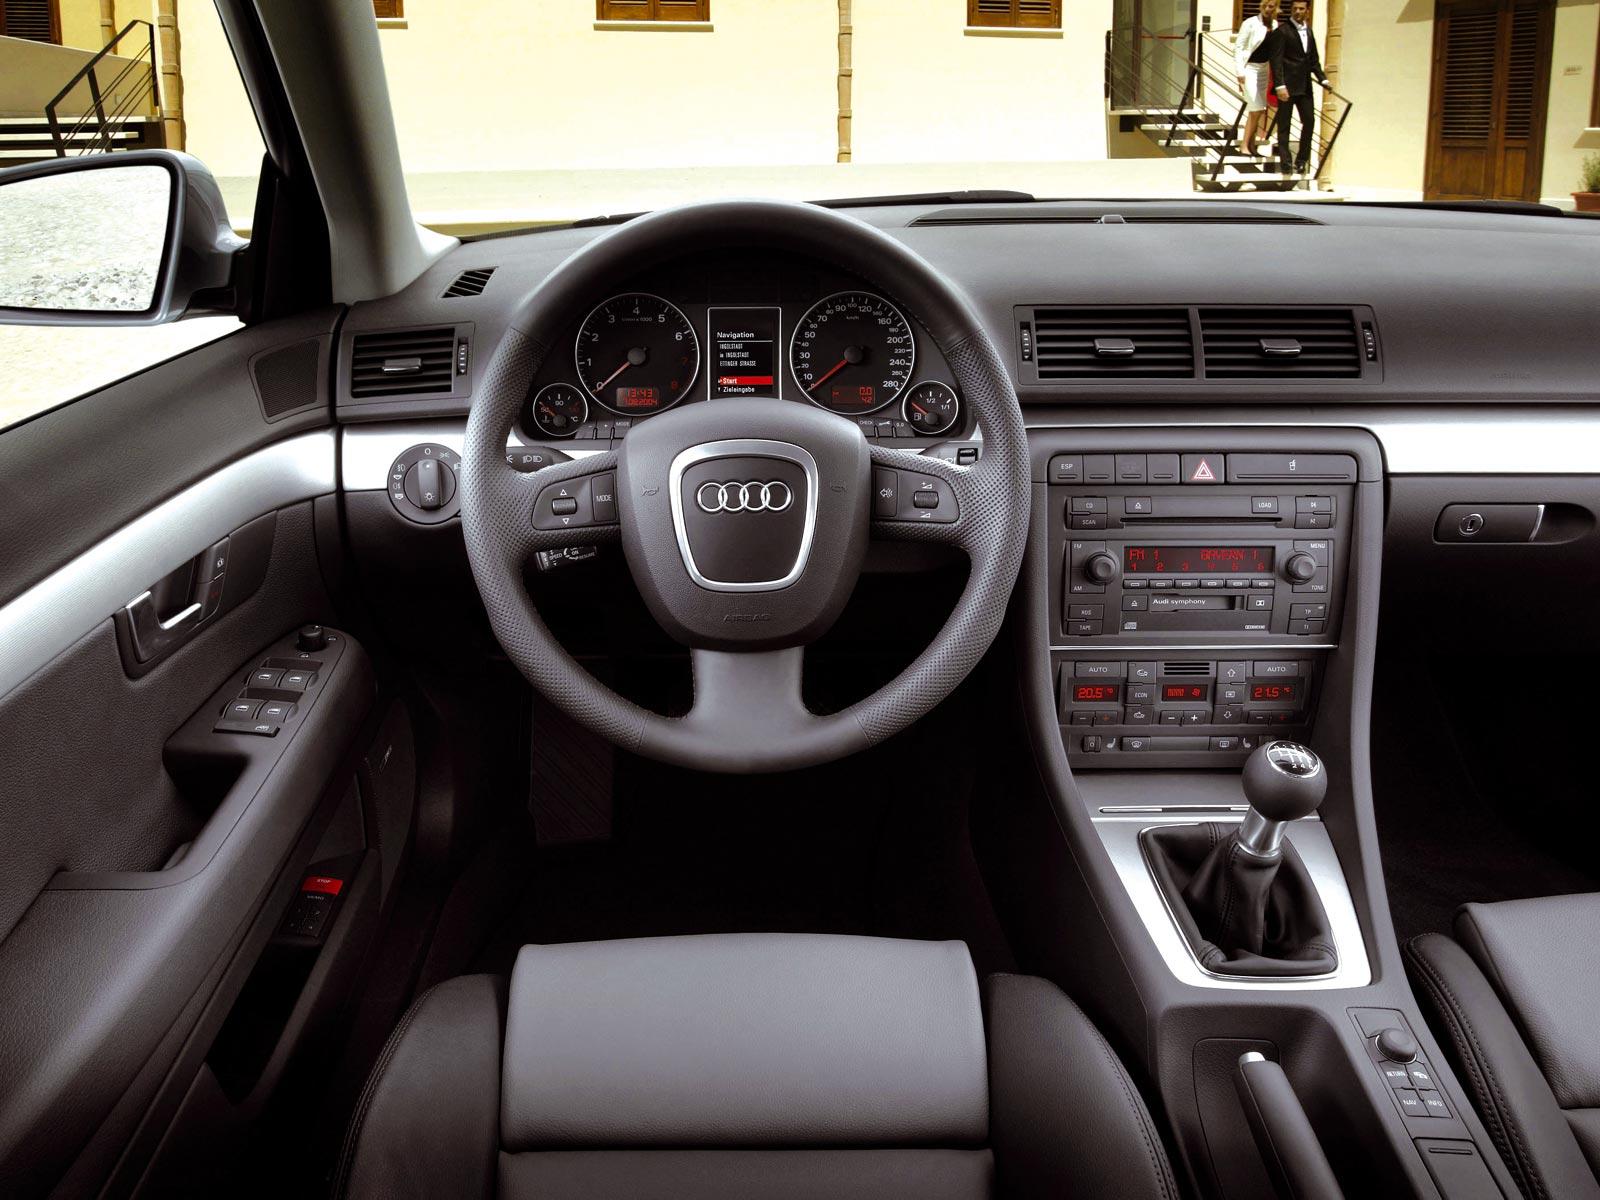 Audi A 0 Technische Daten Audi A4 B8 JungleKey De Bilder 2016 Audi